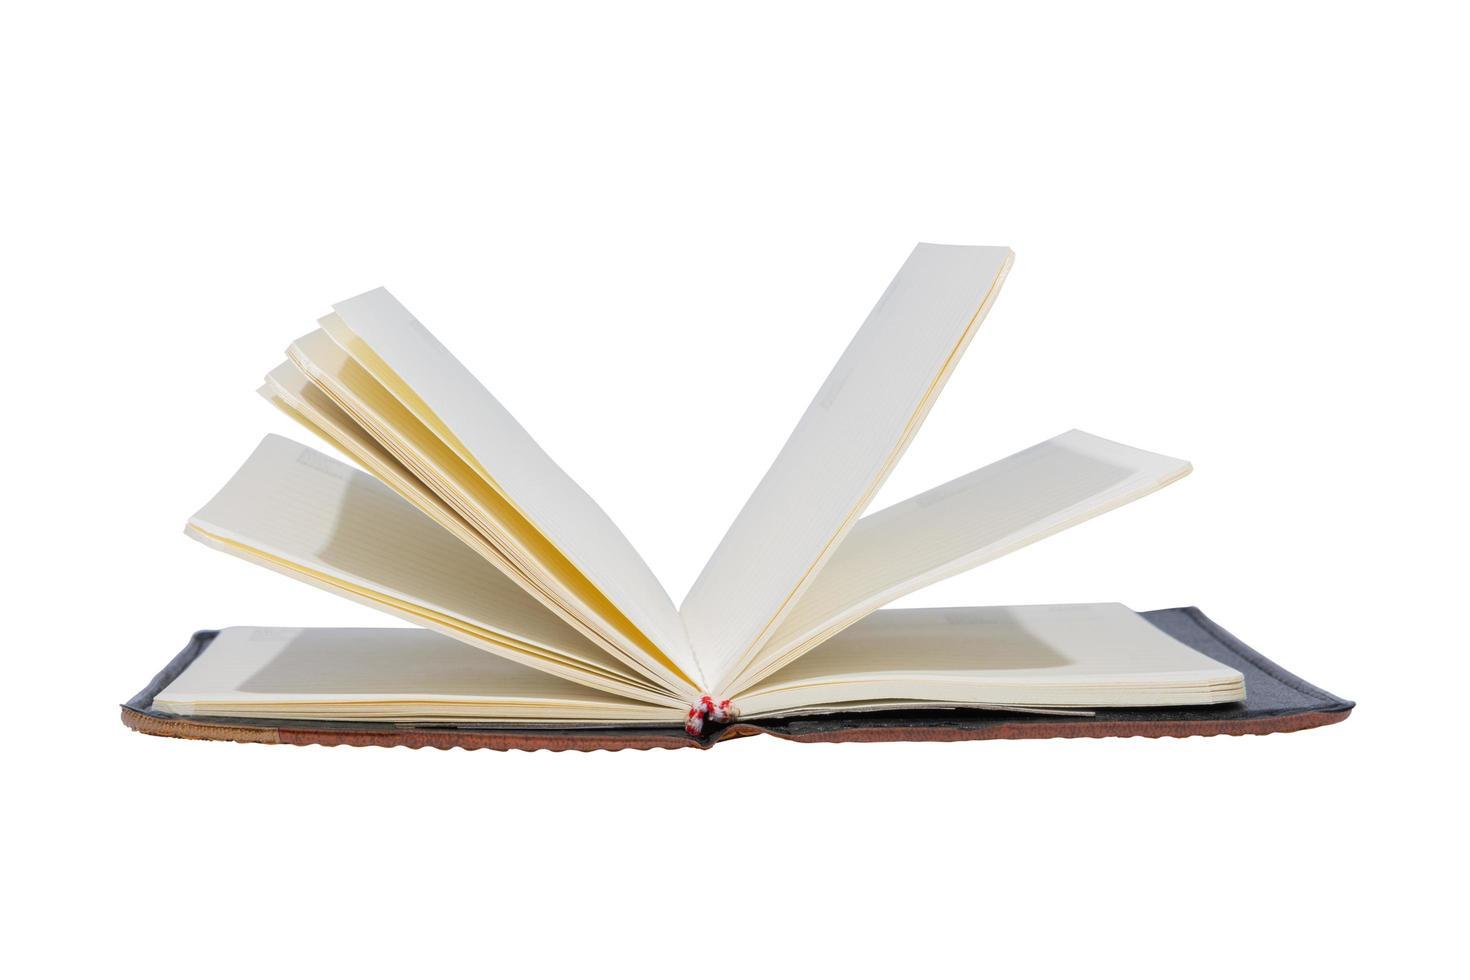 libro abierto sobre fondo blanco foto